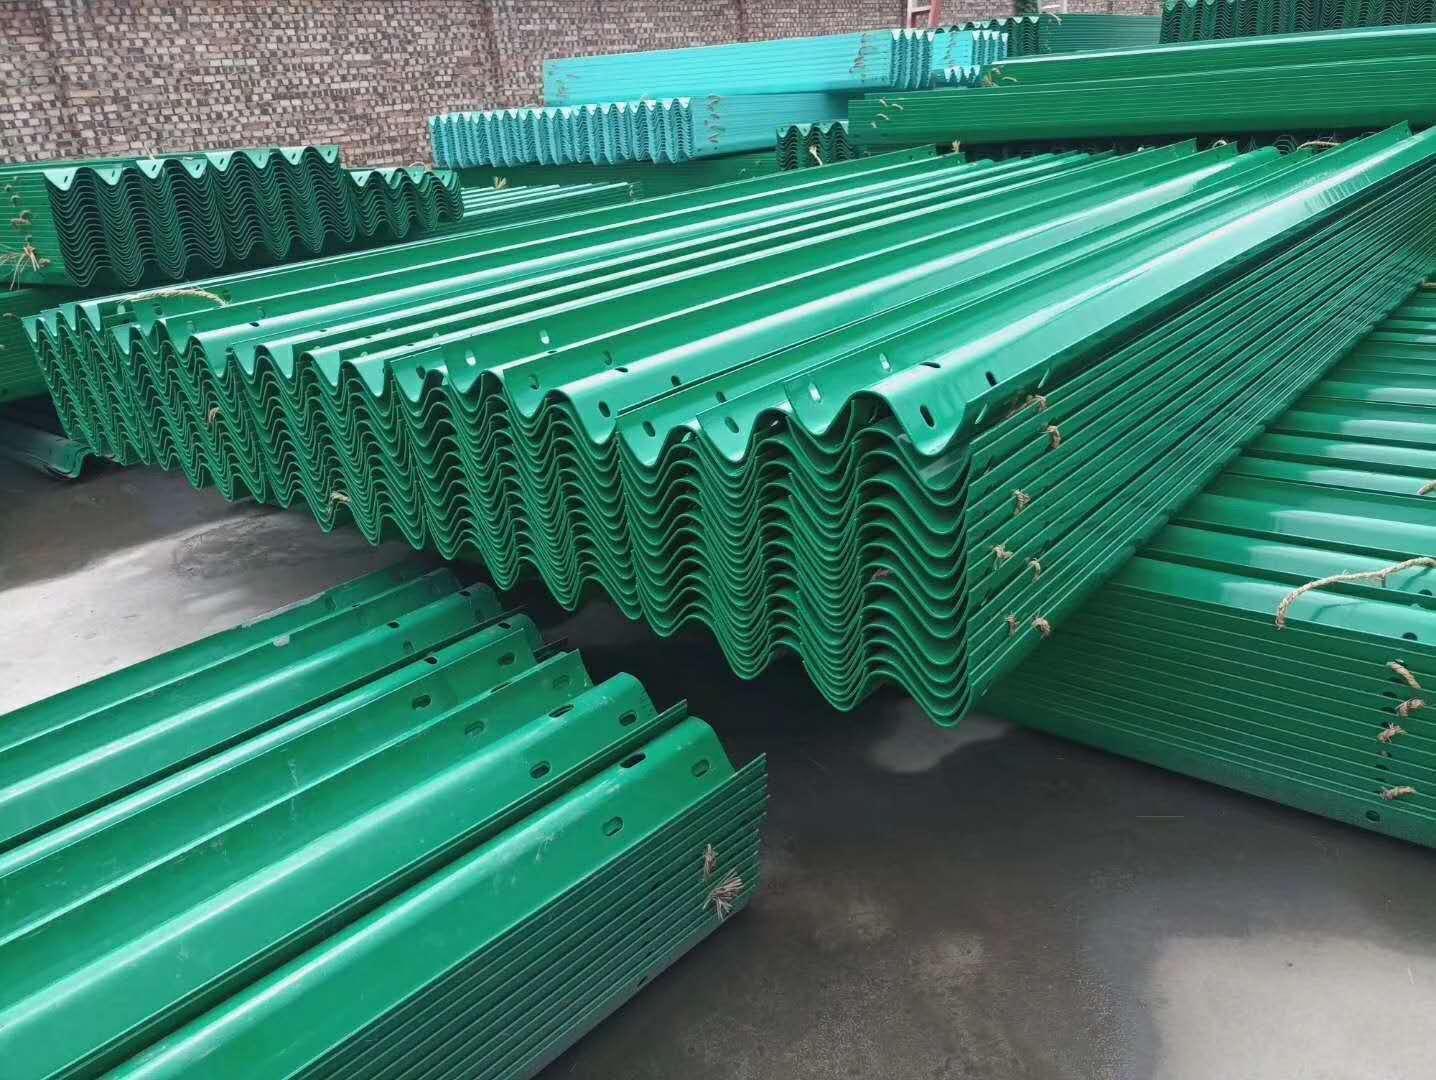 云浮云城熱鍍鋅波形護欄廠家報價銷售安裝及施工